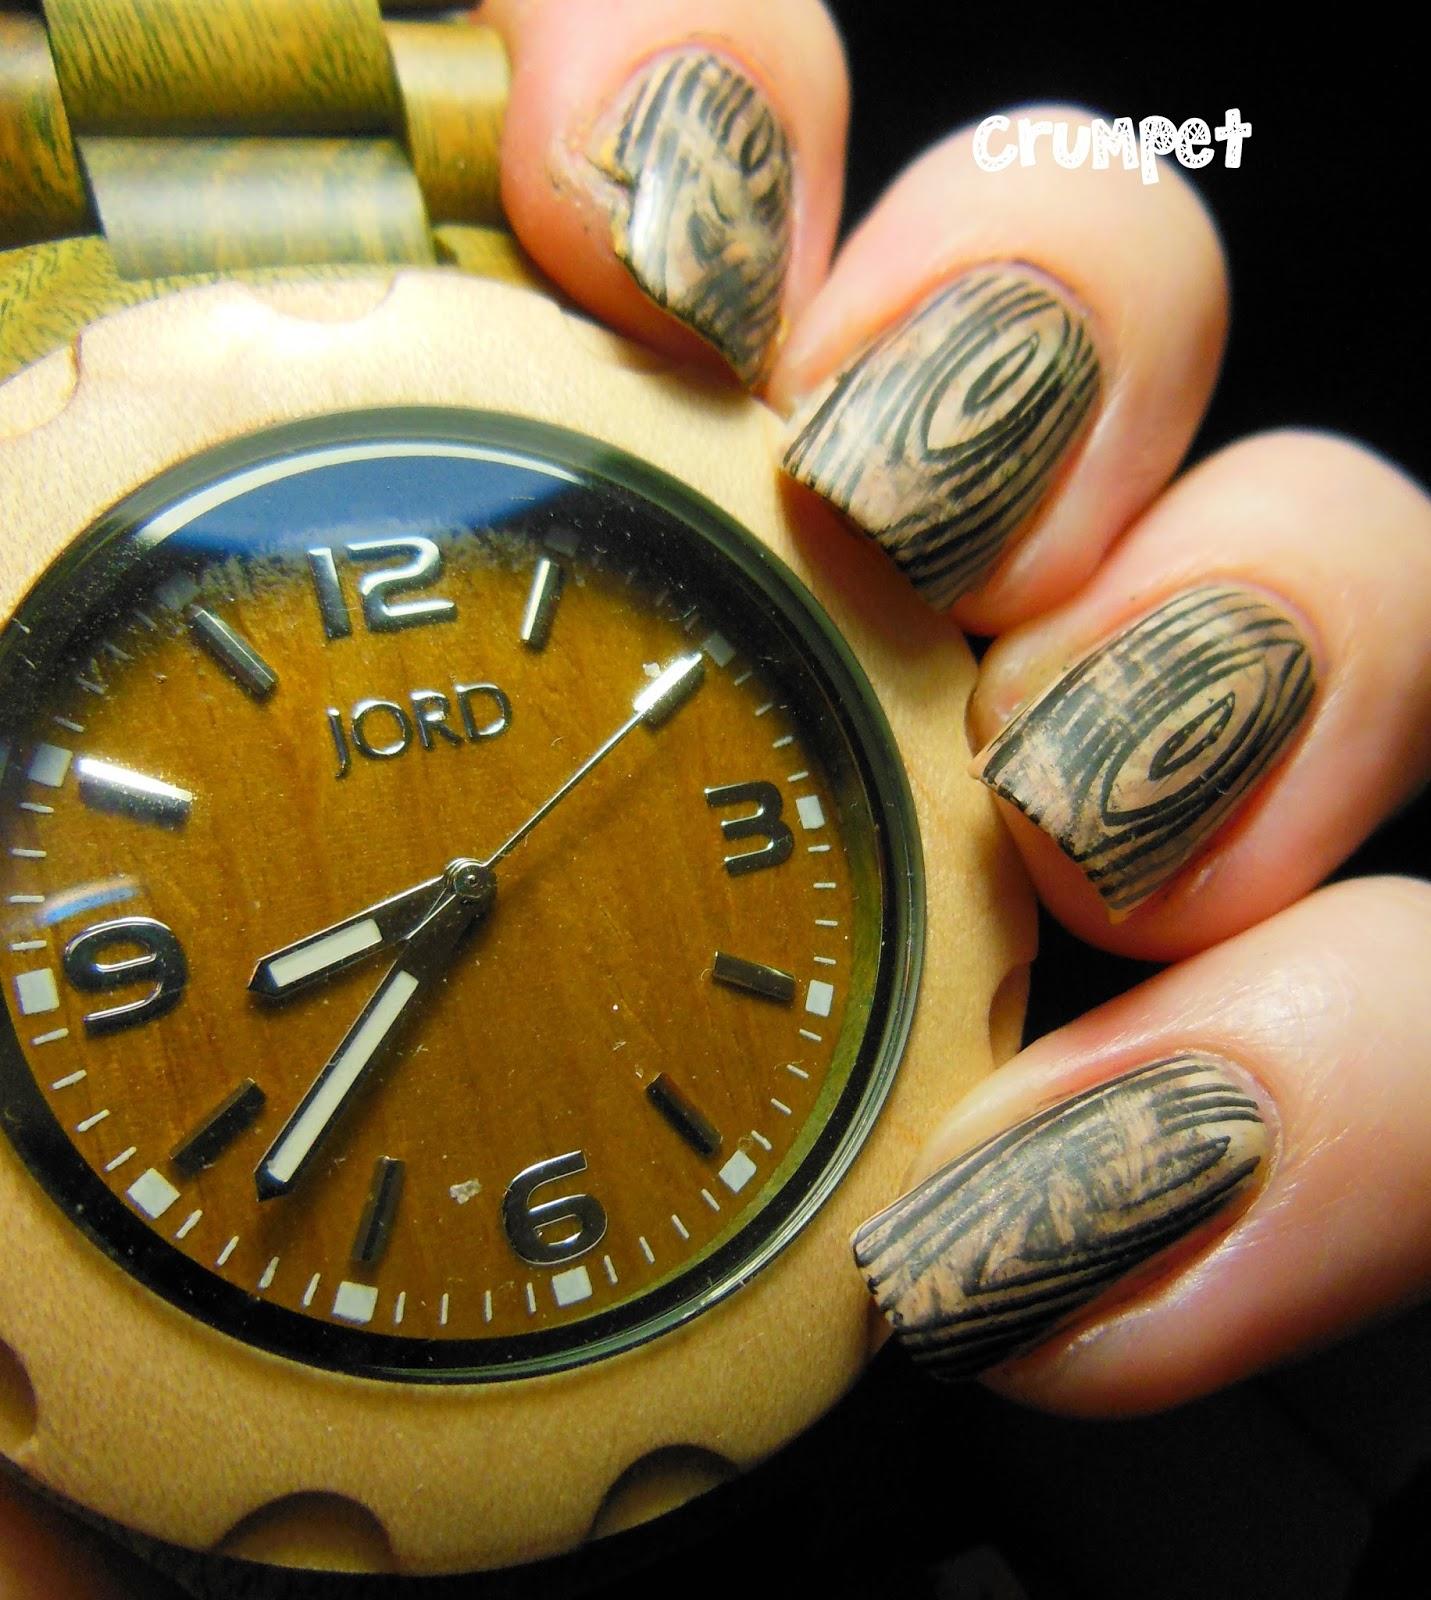 Jord Wood Watch Nail Art And Giveawaaaaaaaaaaaaaaaaay The